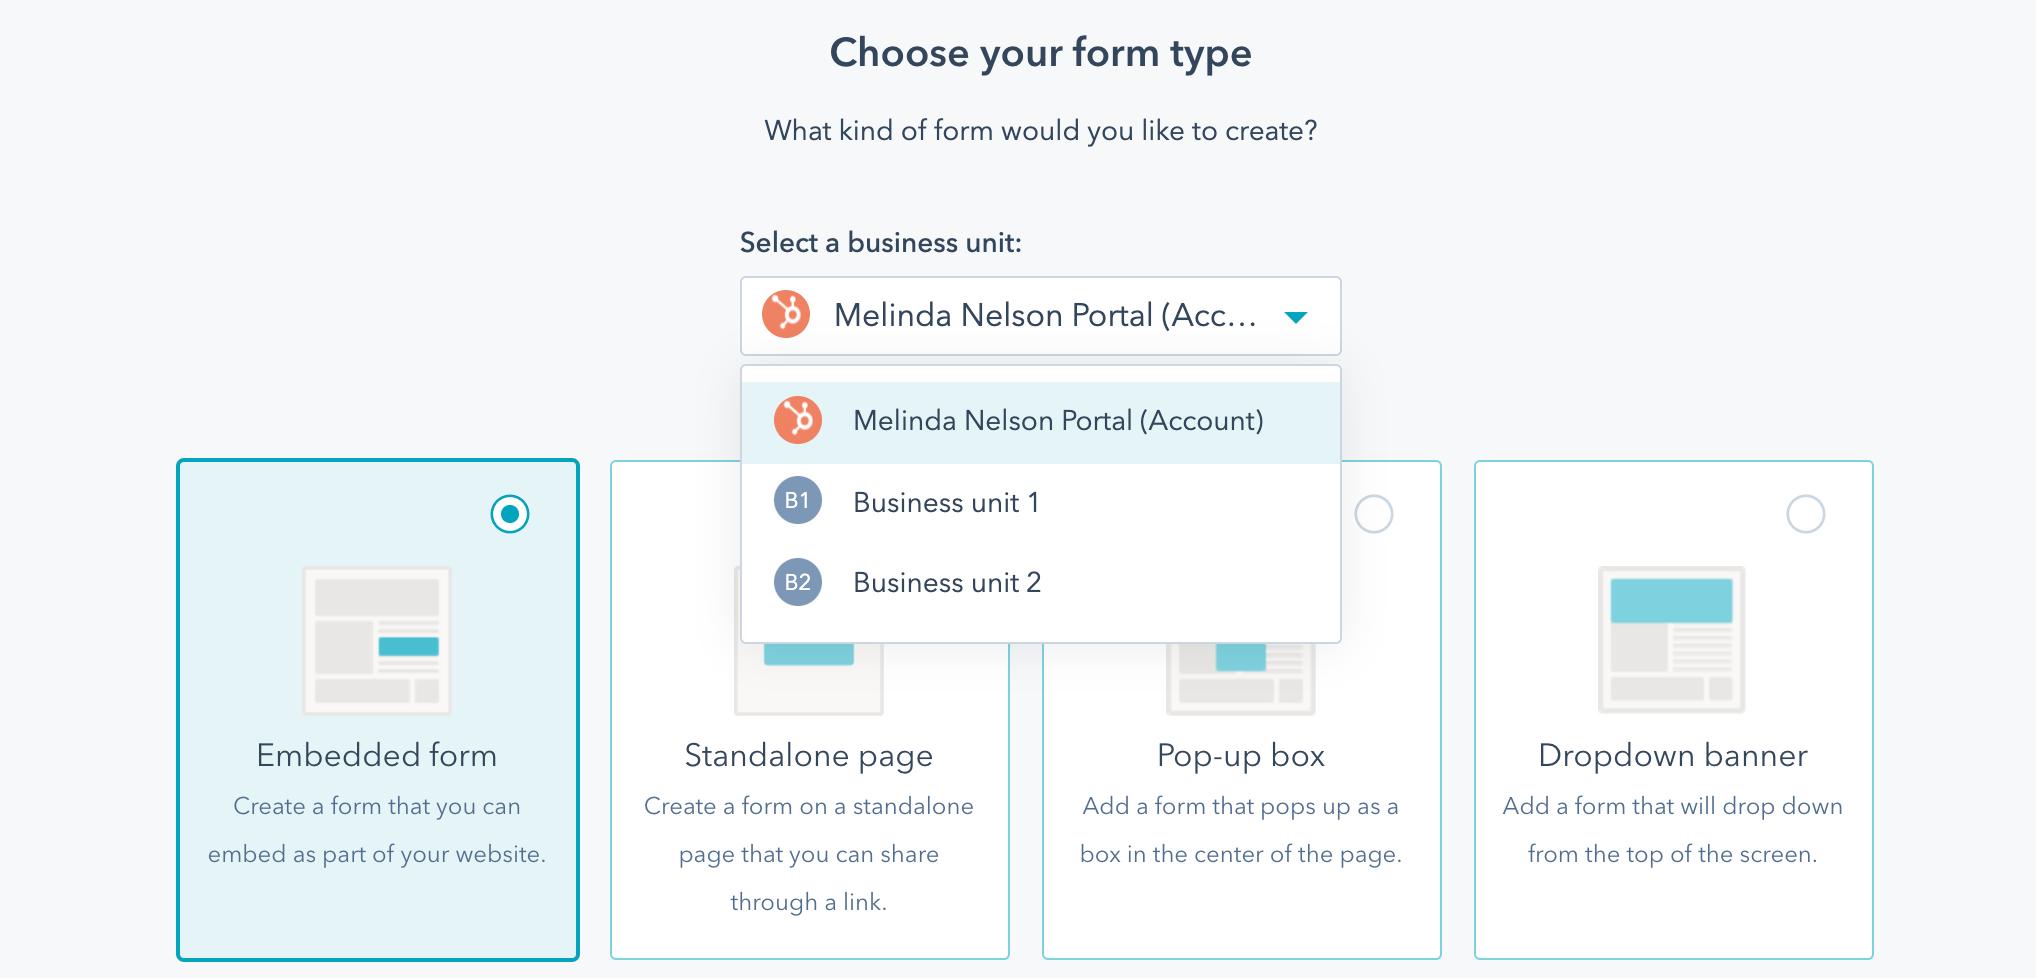 BU_forms